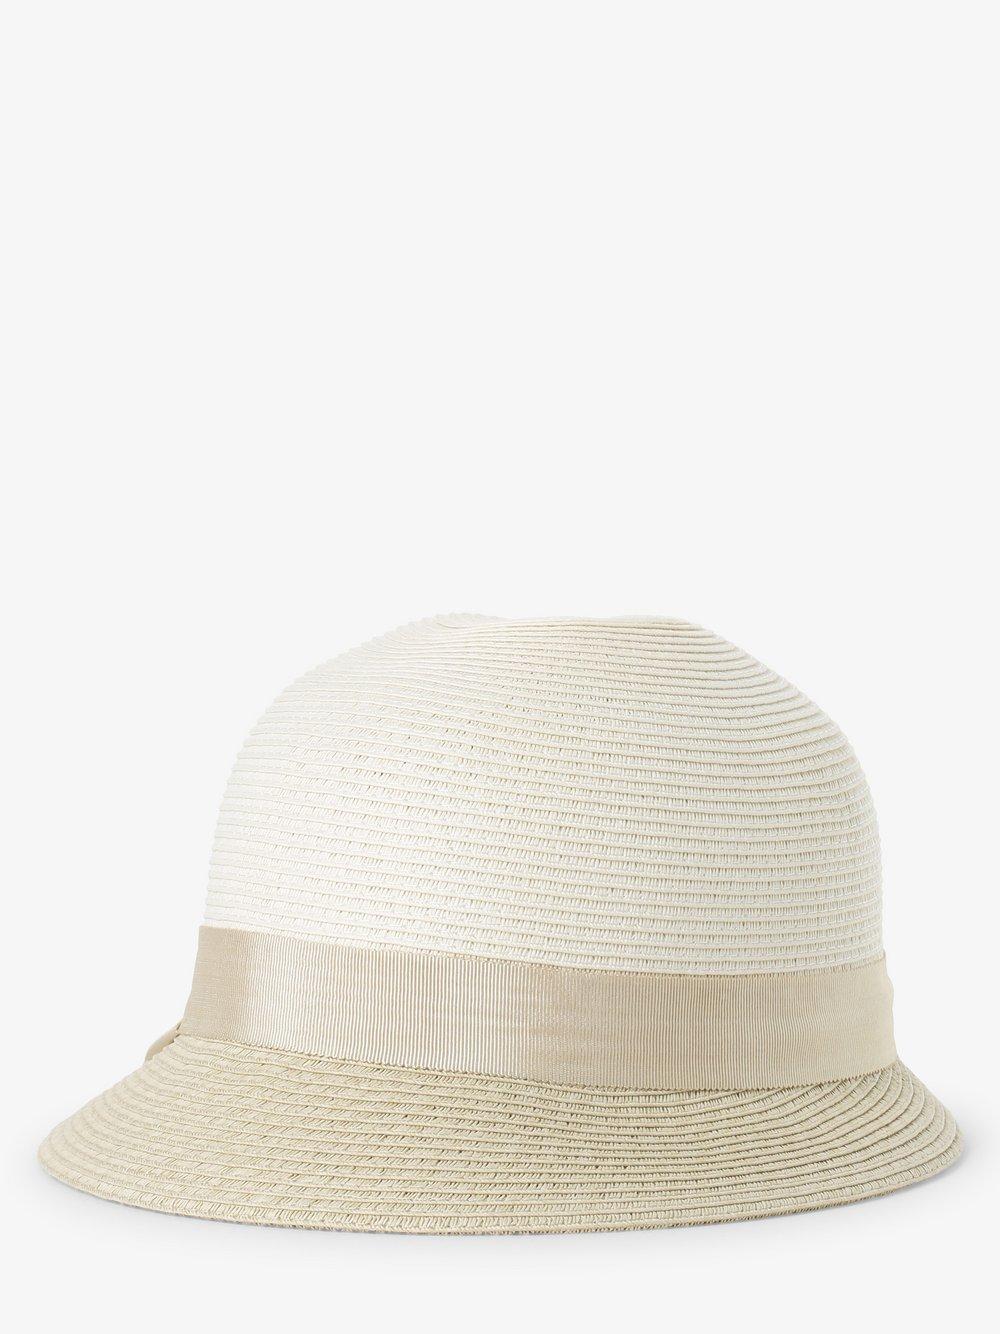 Loevenich – Kapelusz damski, biały Van Graaf 469322-0001